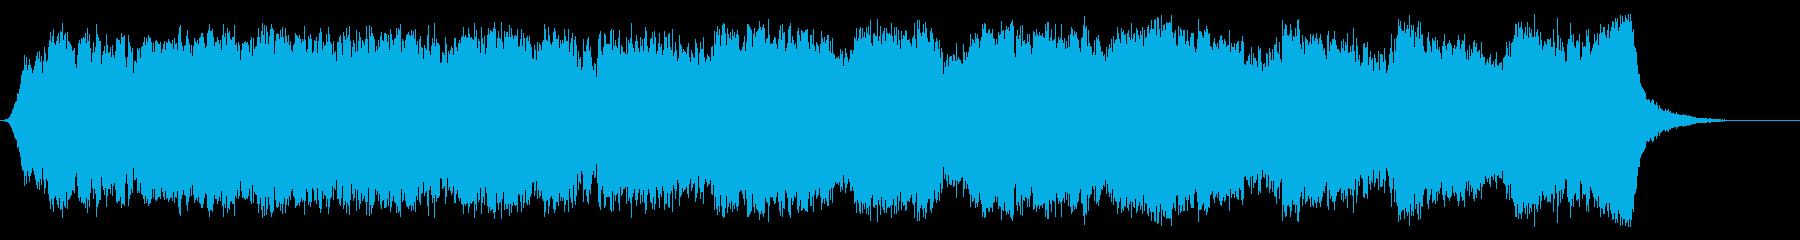 世界破滅を描くハリウッド系オーケストラの再生済みの波形